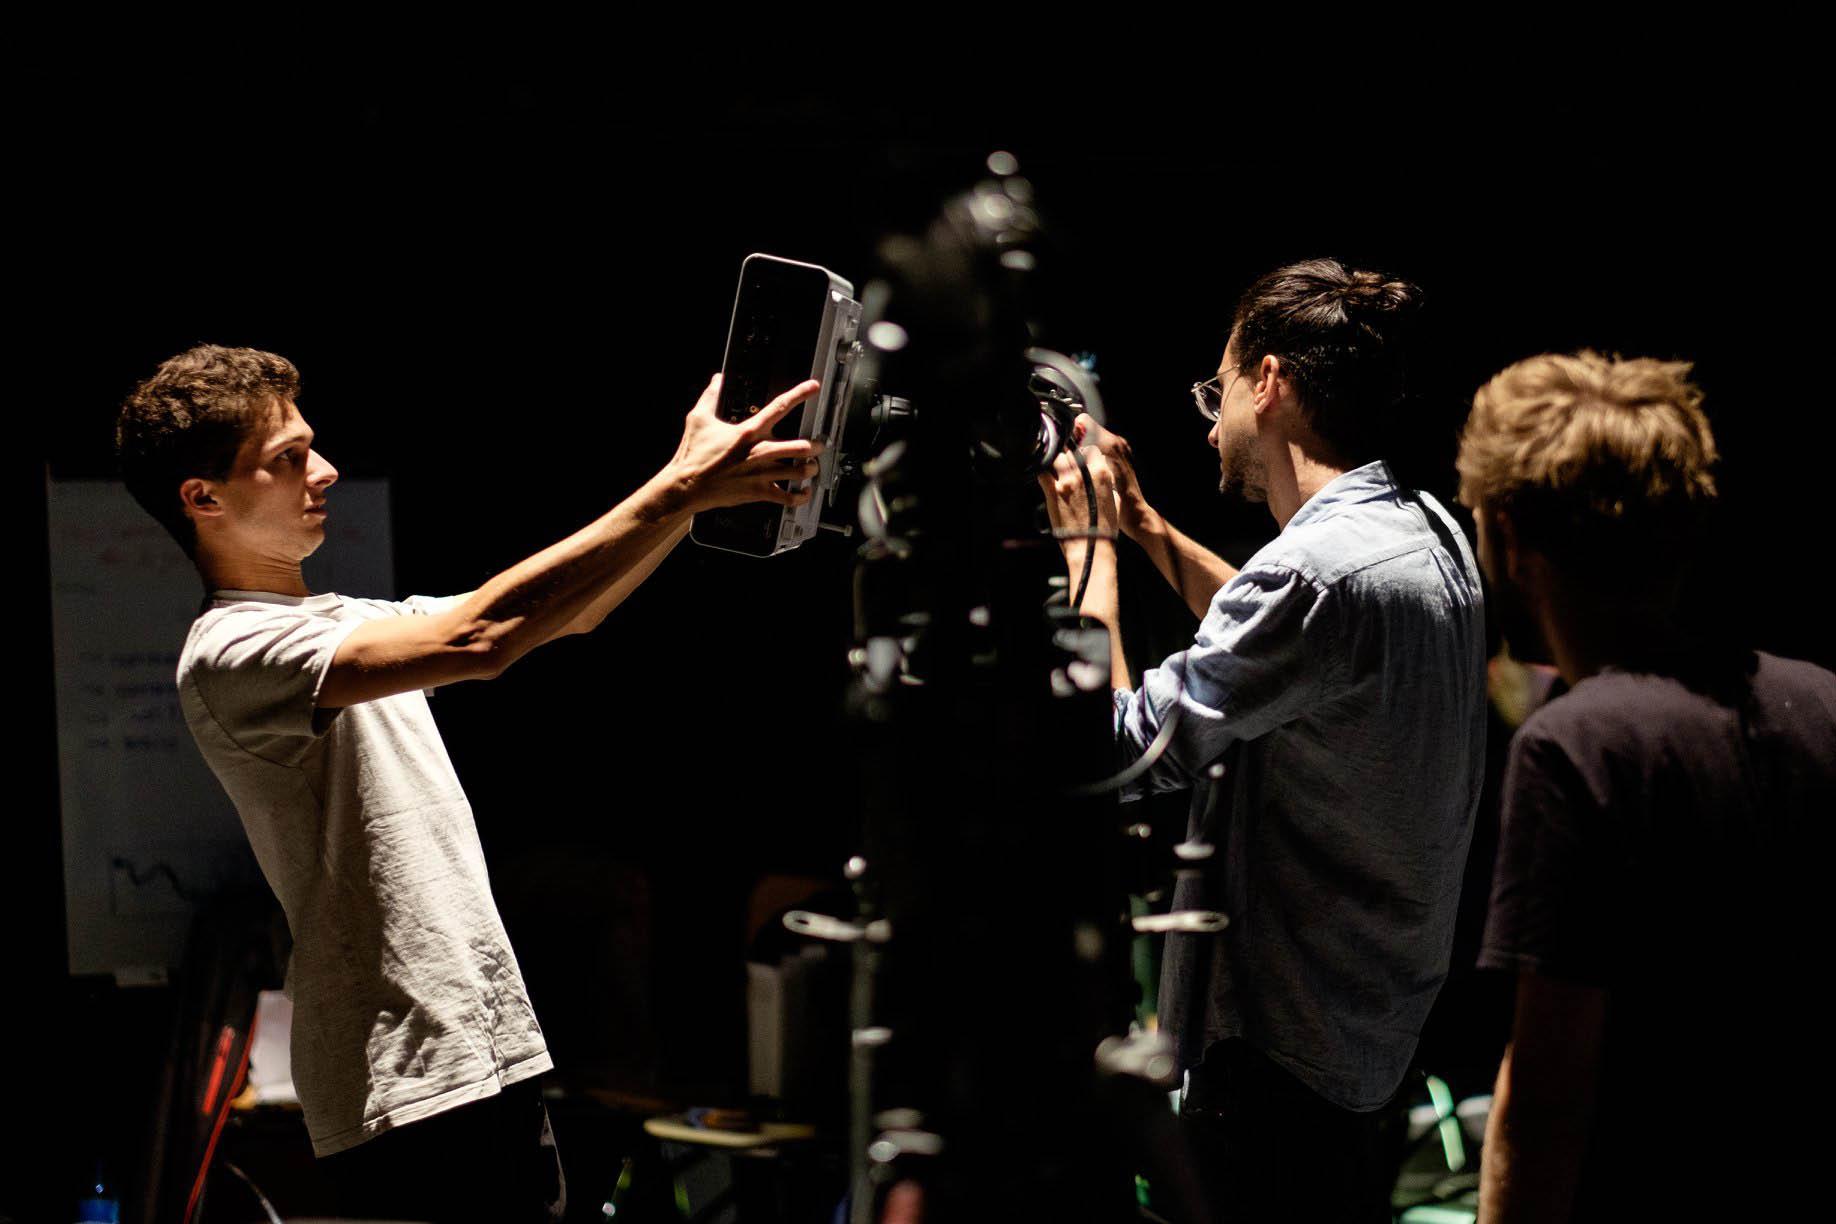 Professionnels d'une équipe de tournage sur un plateau